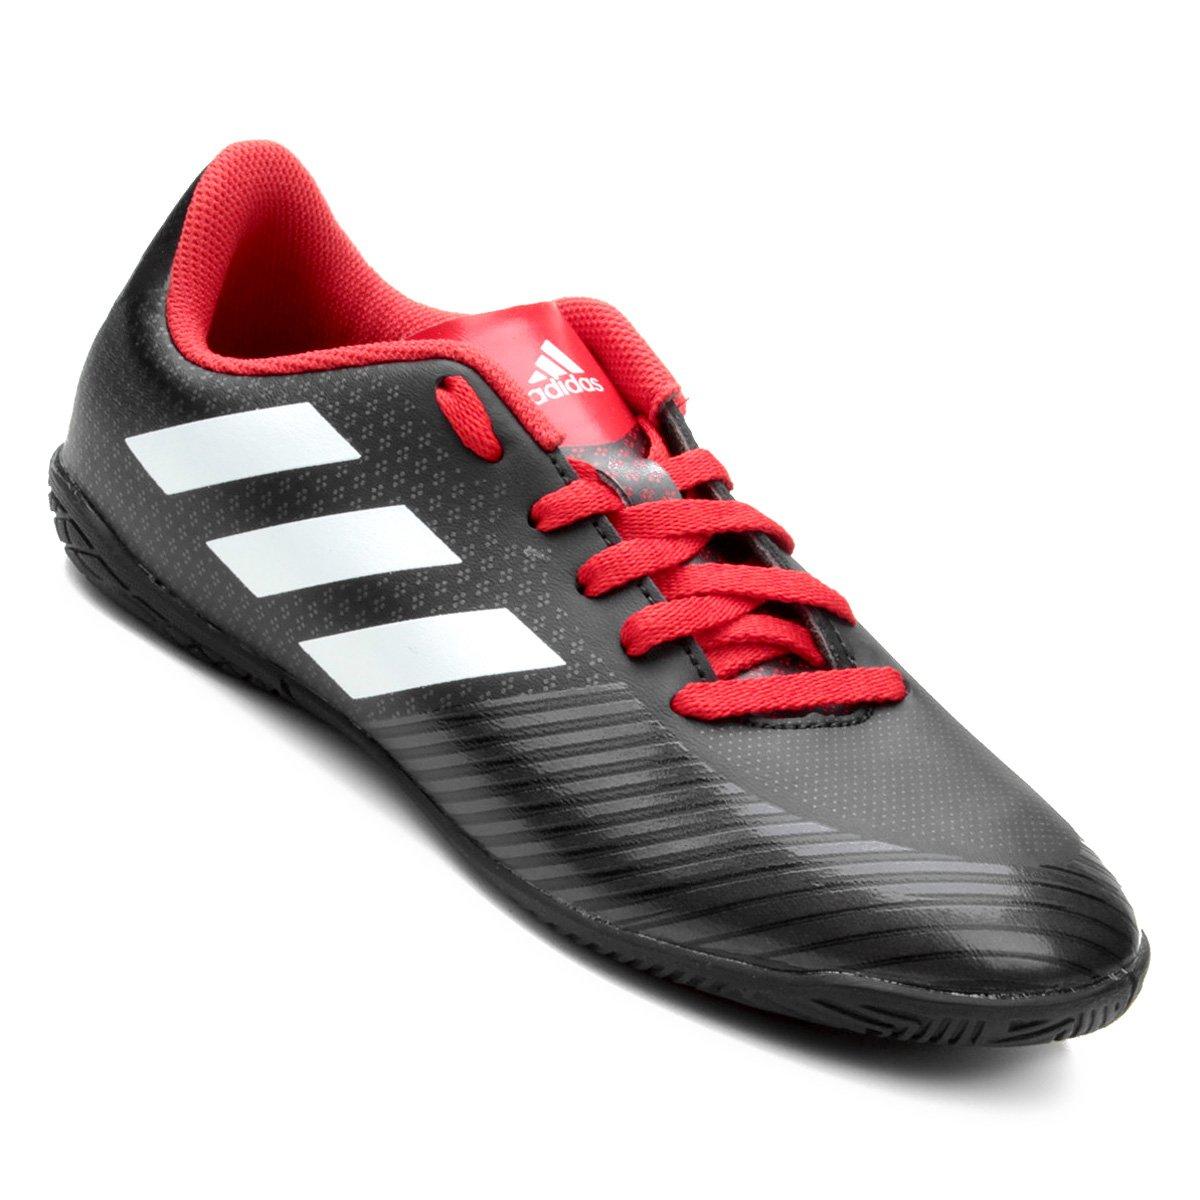 35d8afa185 Chuteira Futsal Infantil Adidas Artilheira III IN